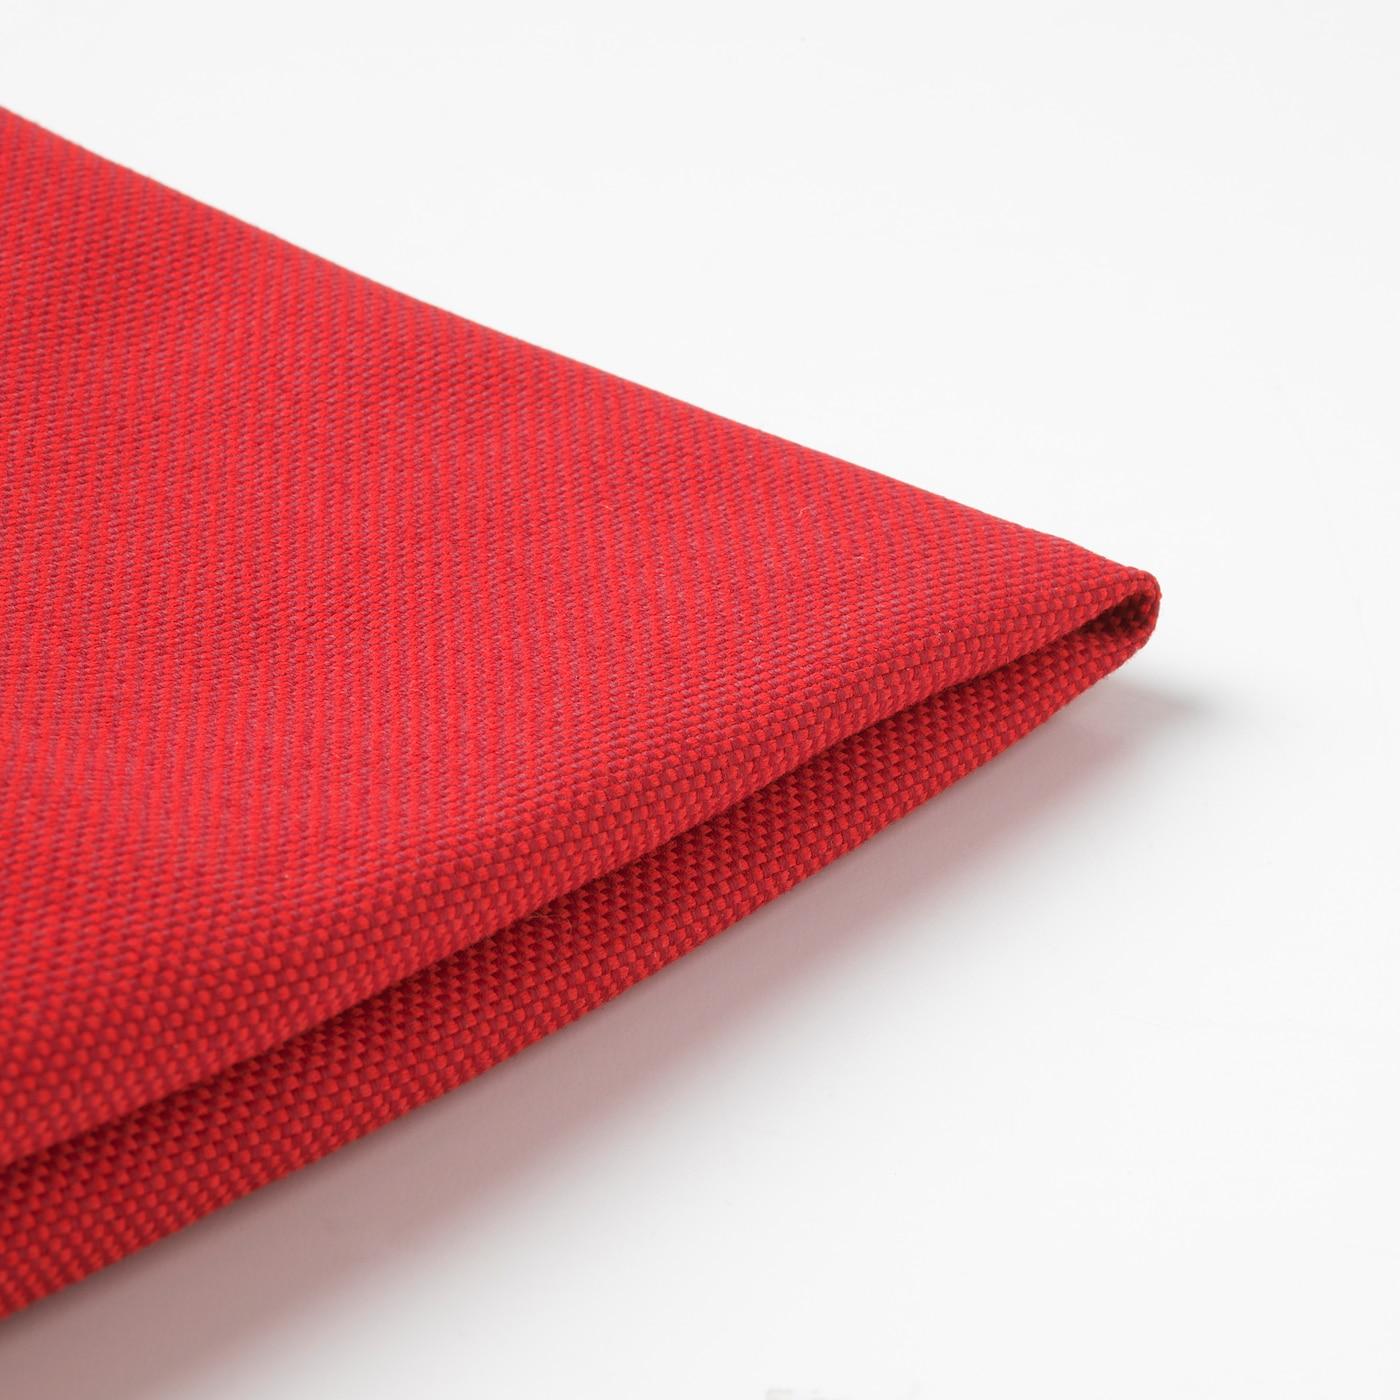 FRÖSÖN غطاء وسادة كرسي, خارجي أحمر, 35 سم